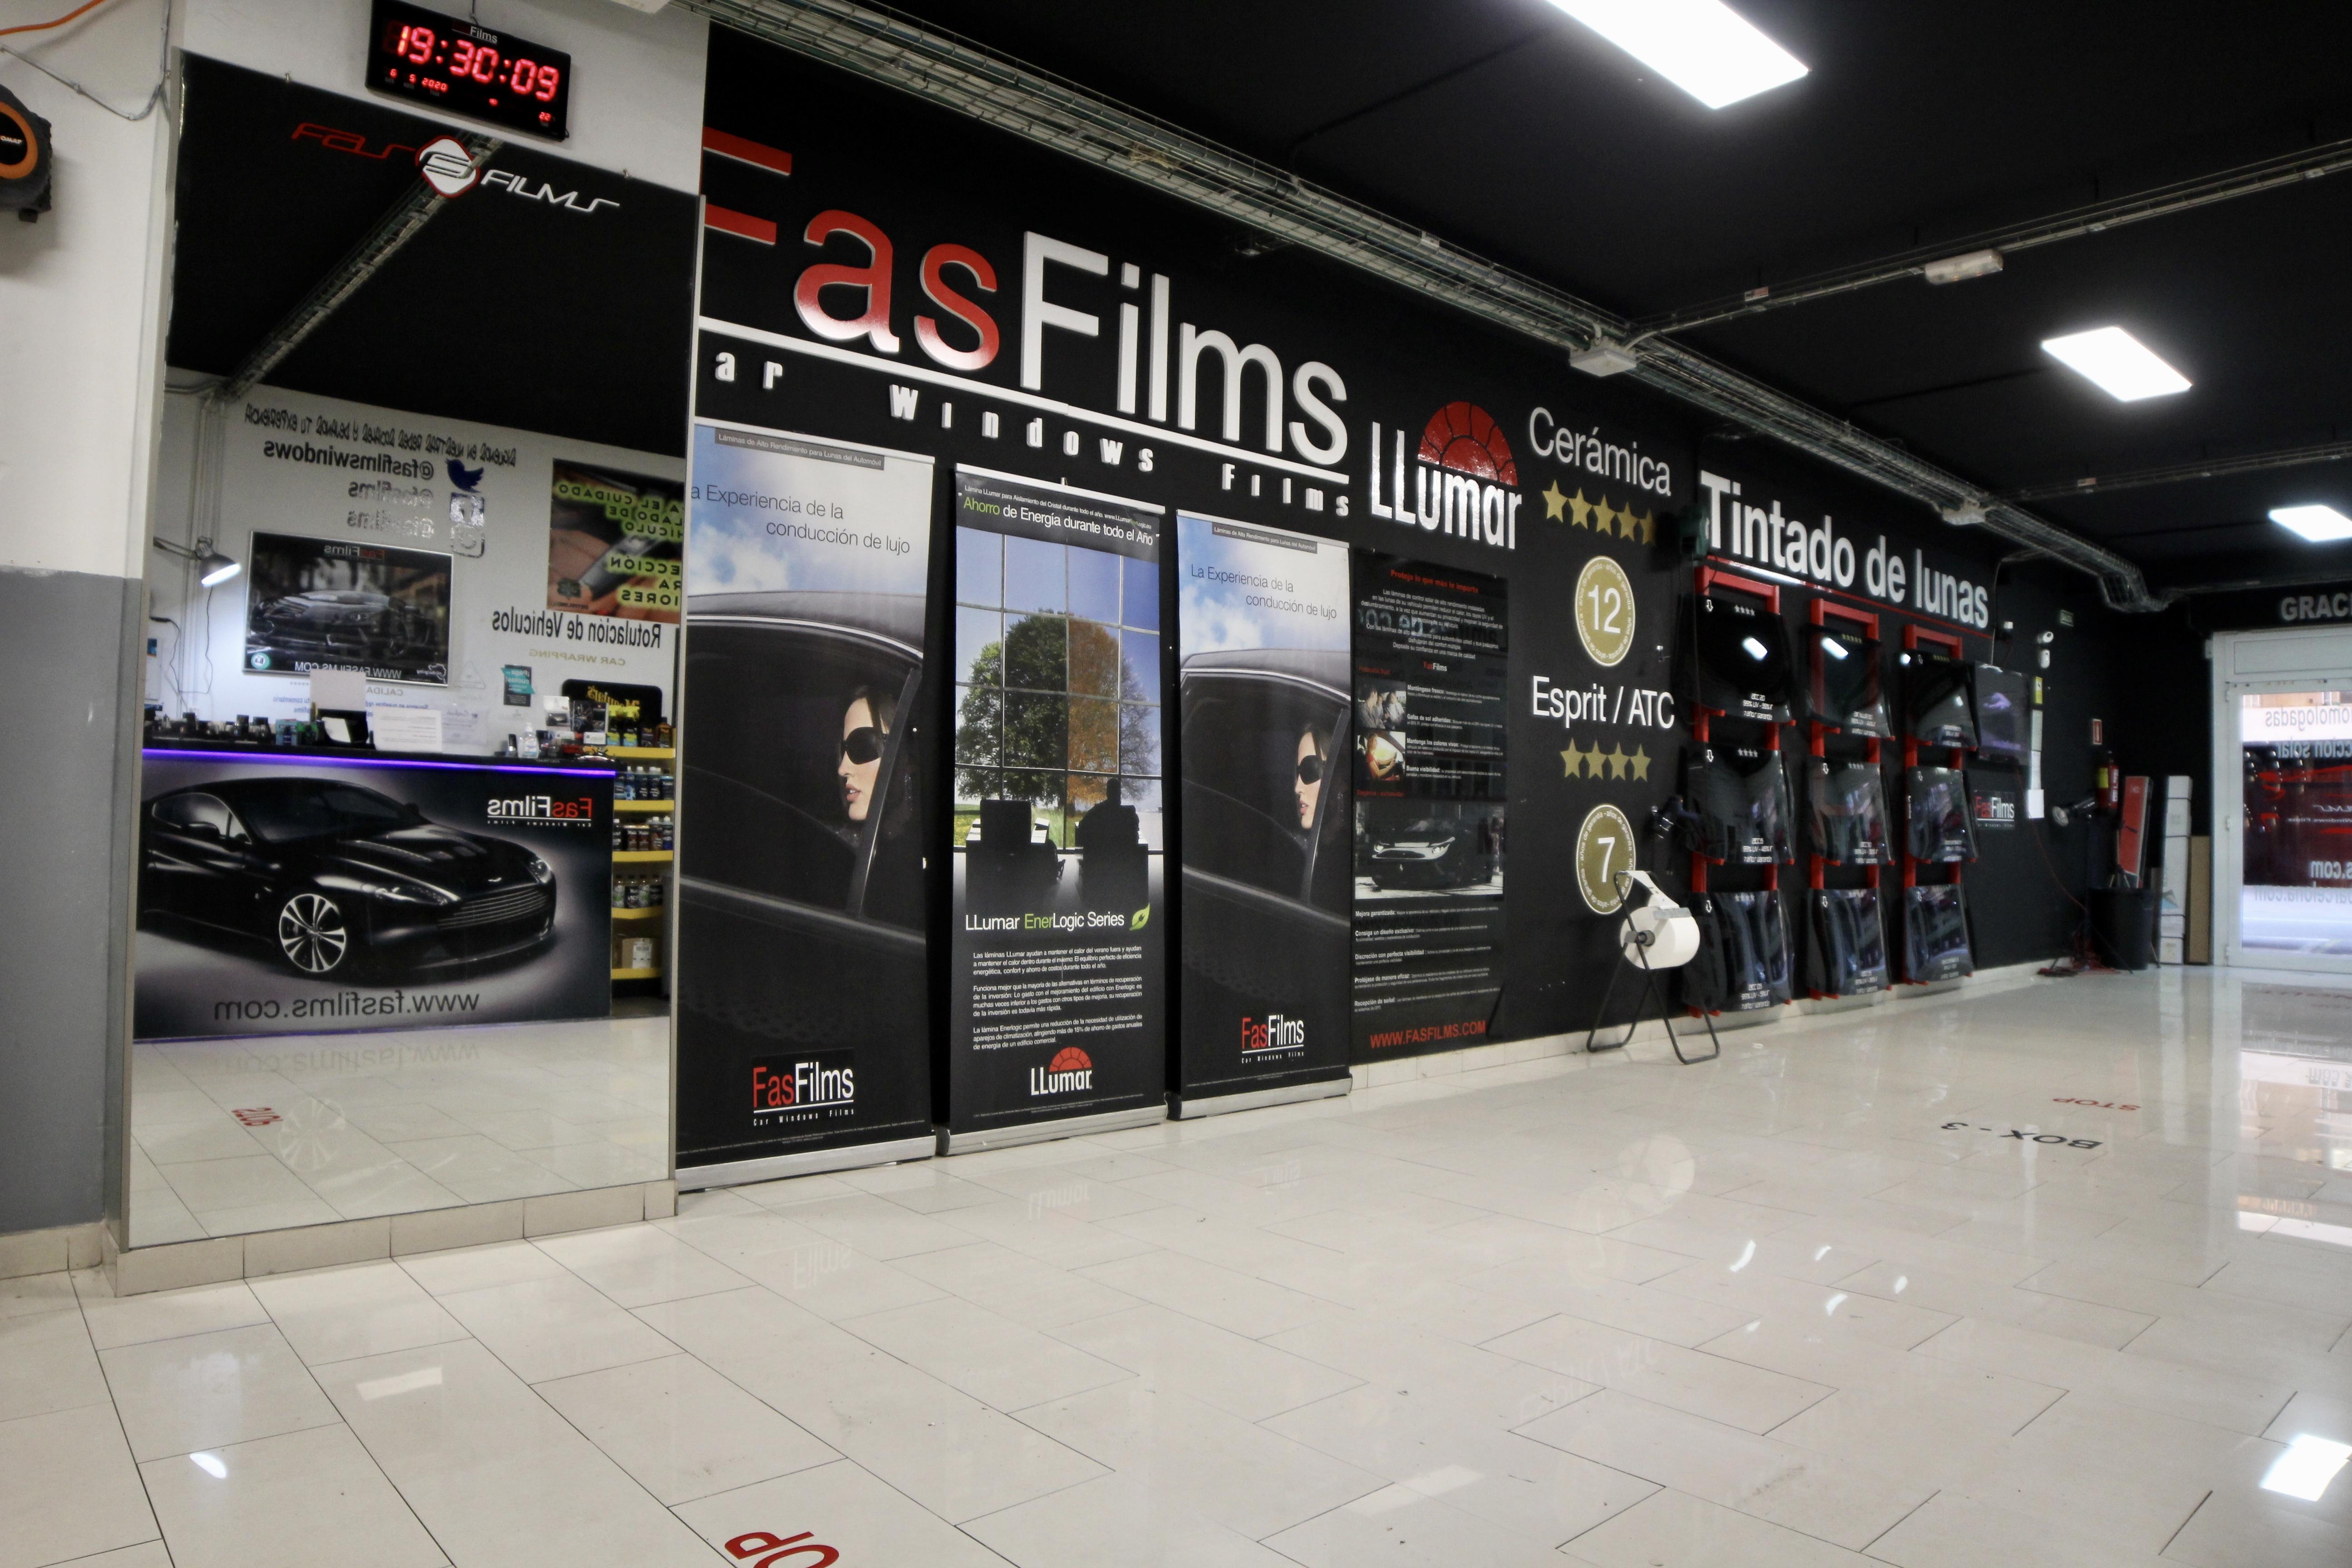 Instalaciones FasFilms